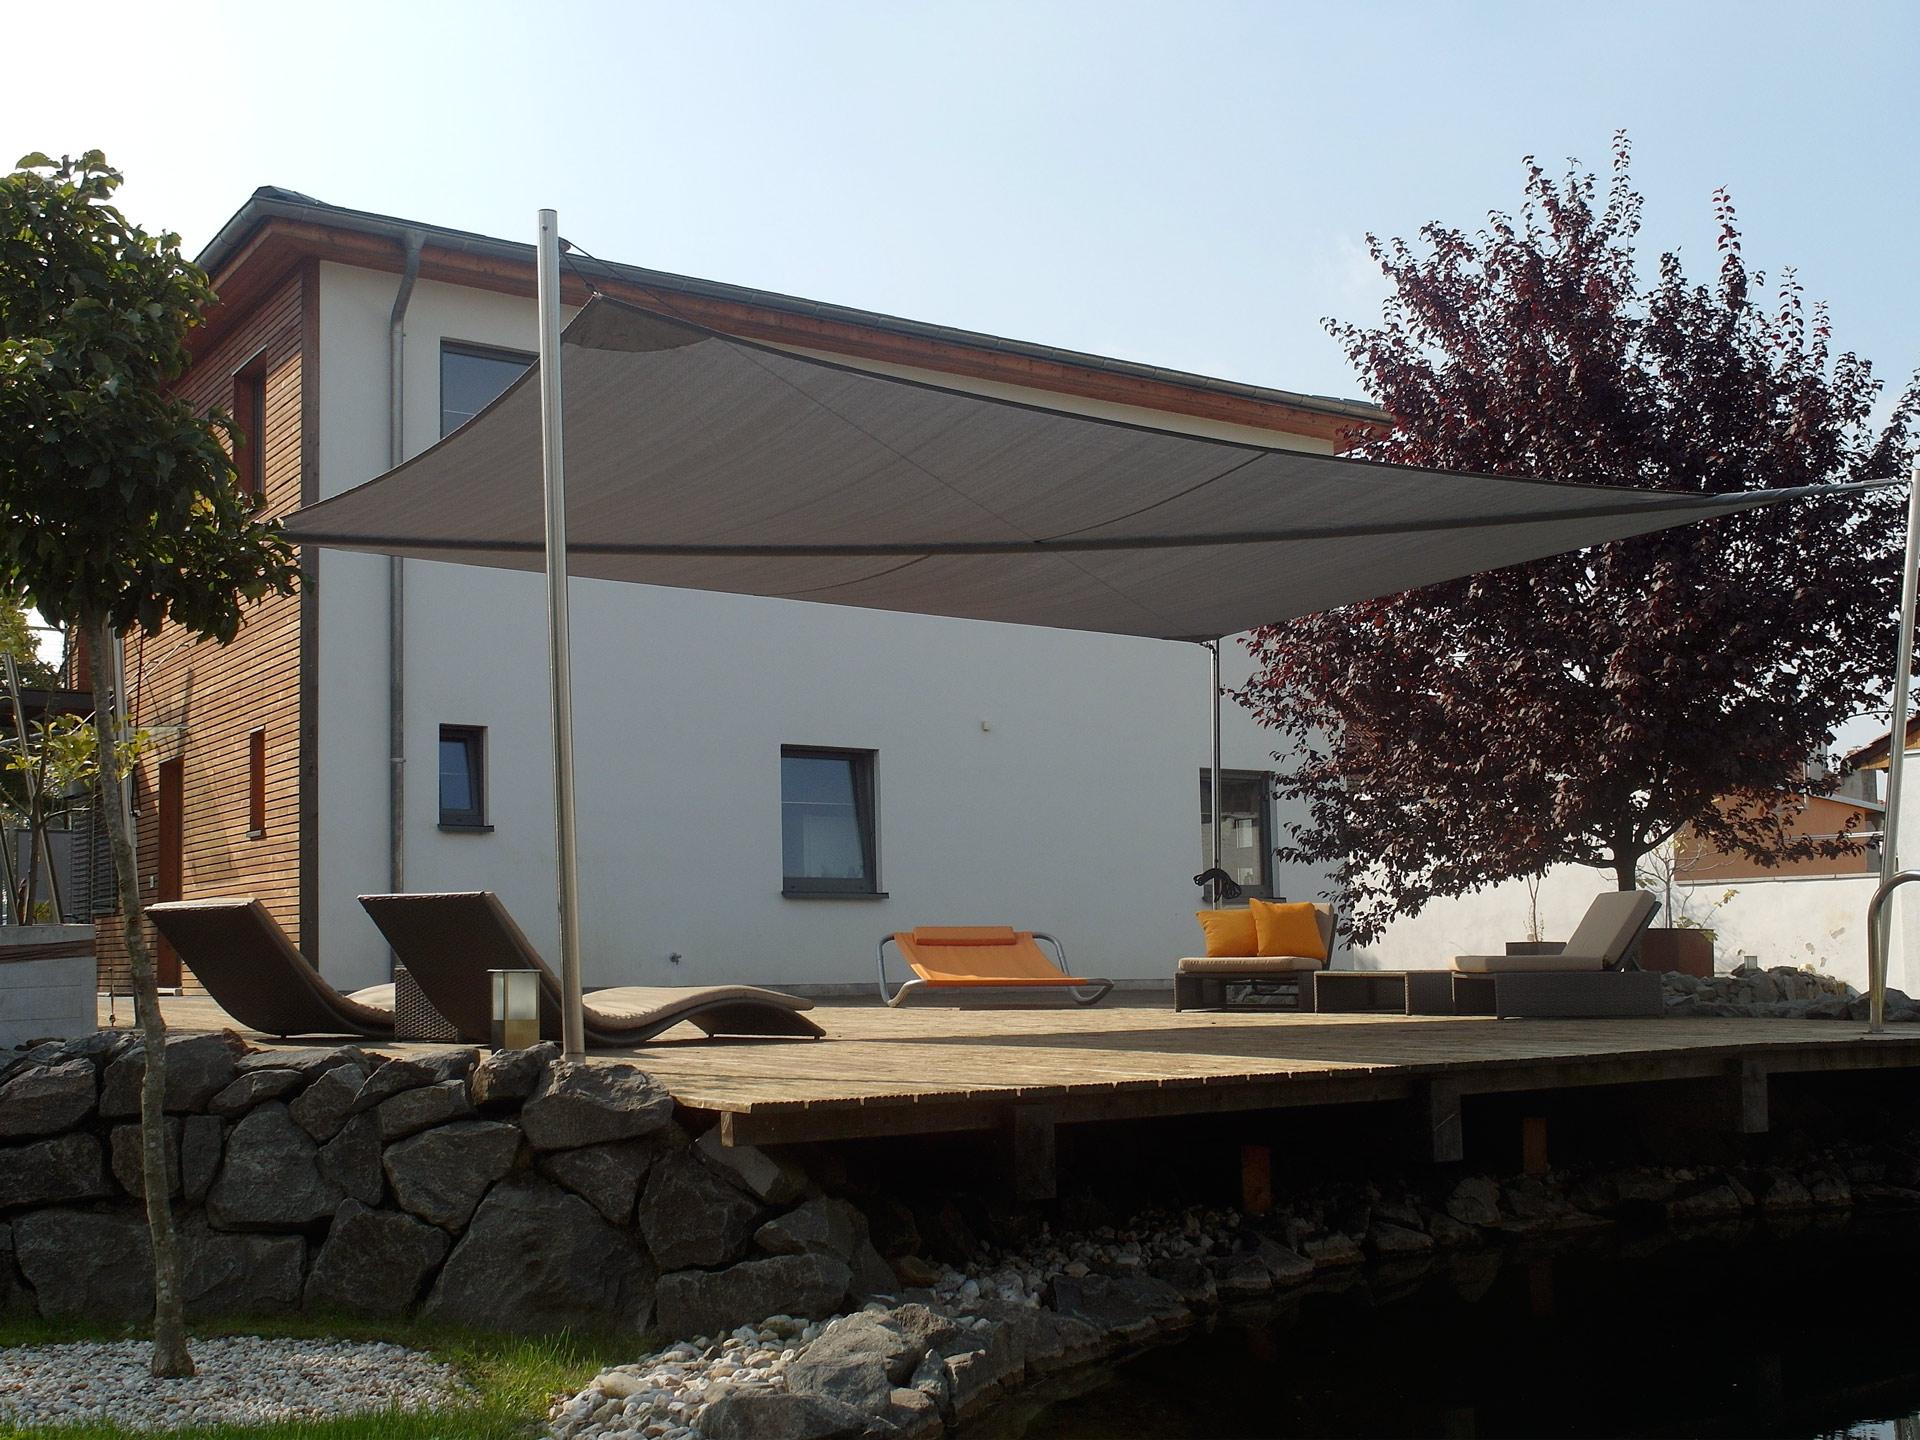 Terrasse mit einem manuell aufrollbaren Sonnensegel